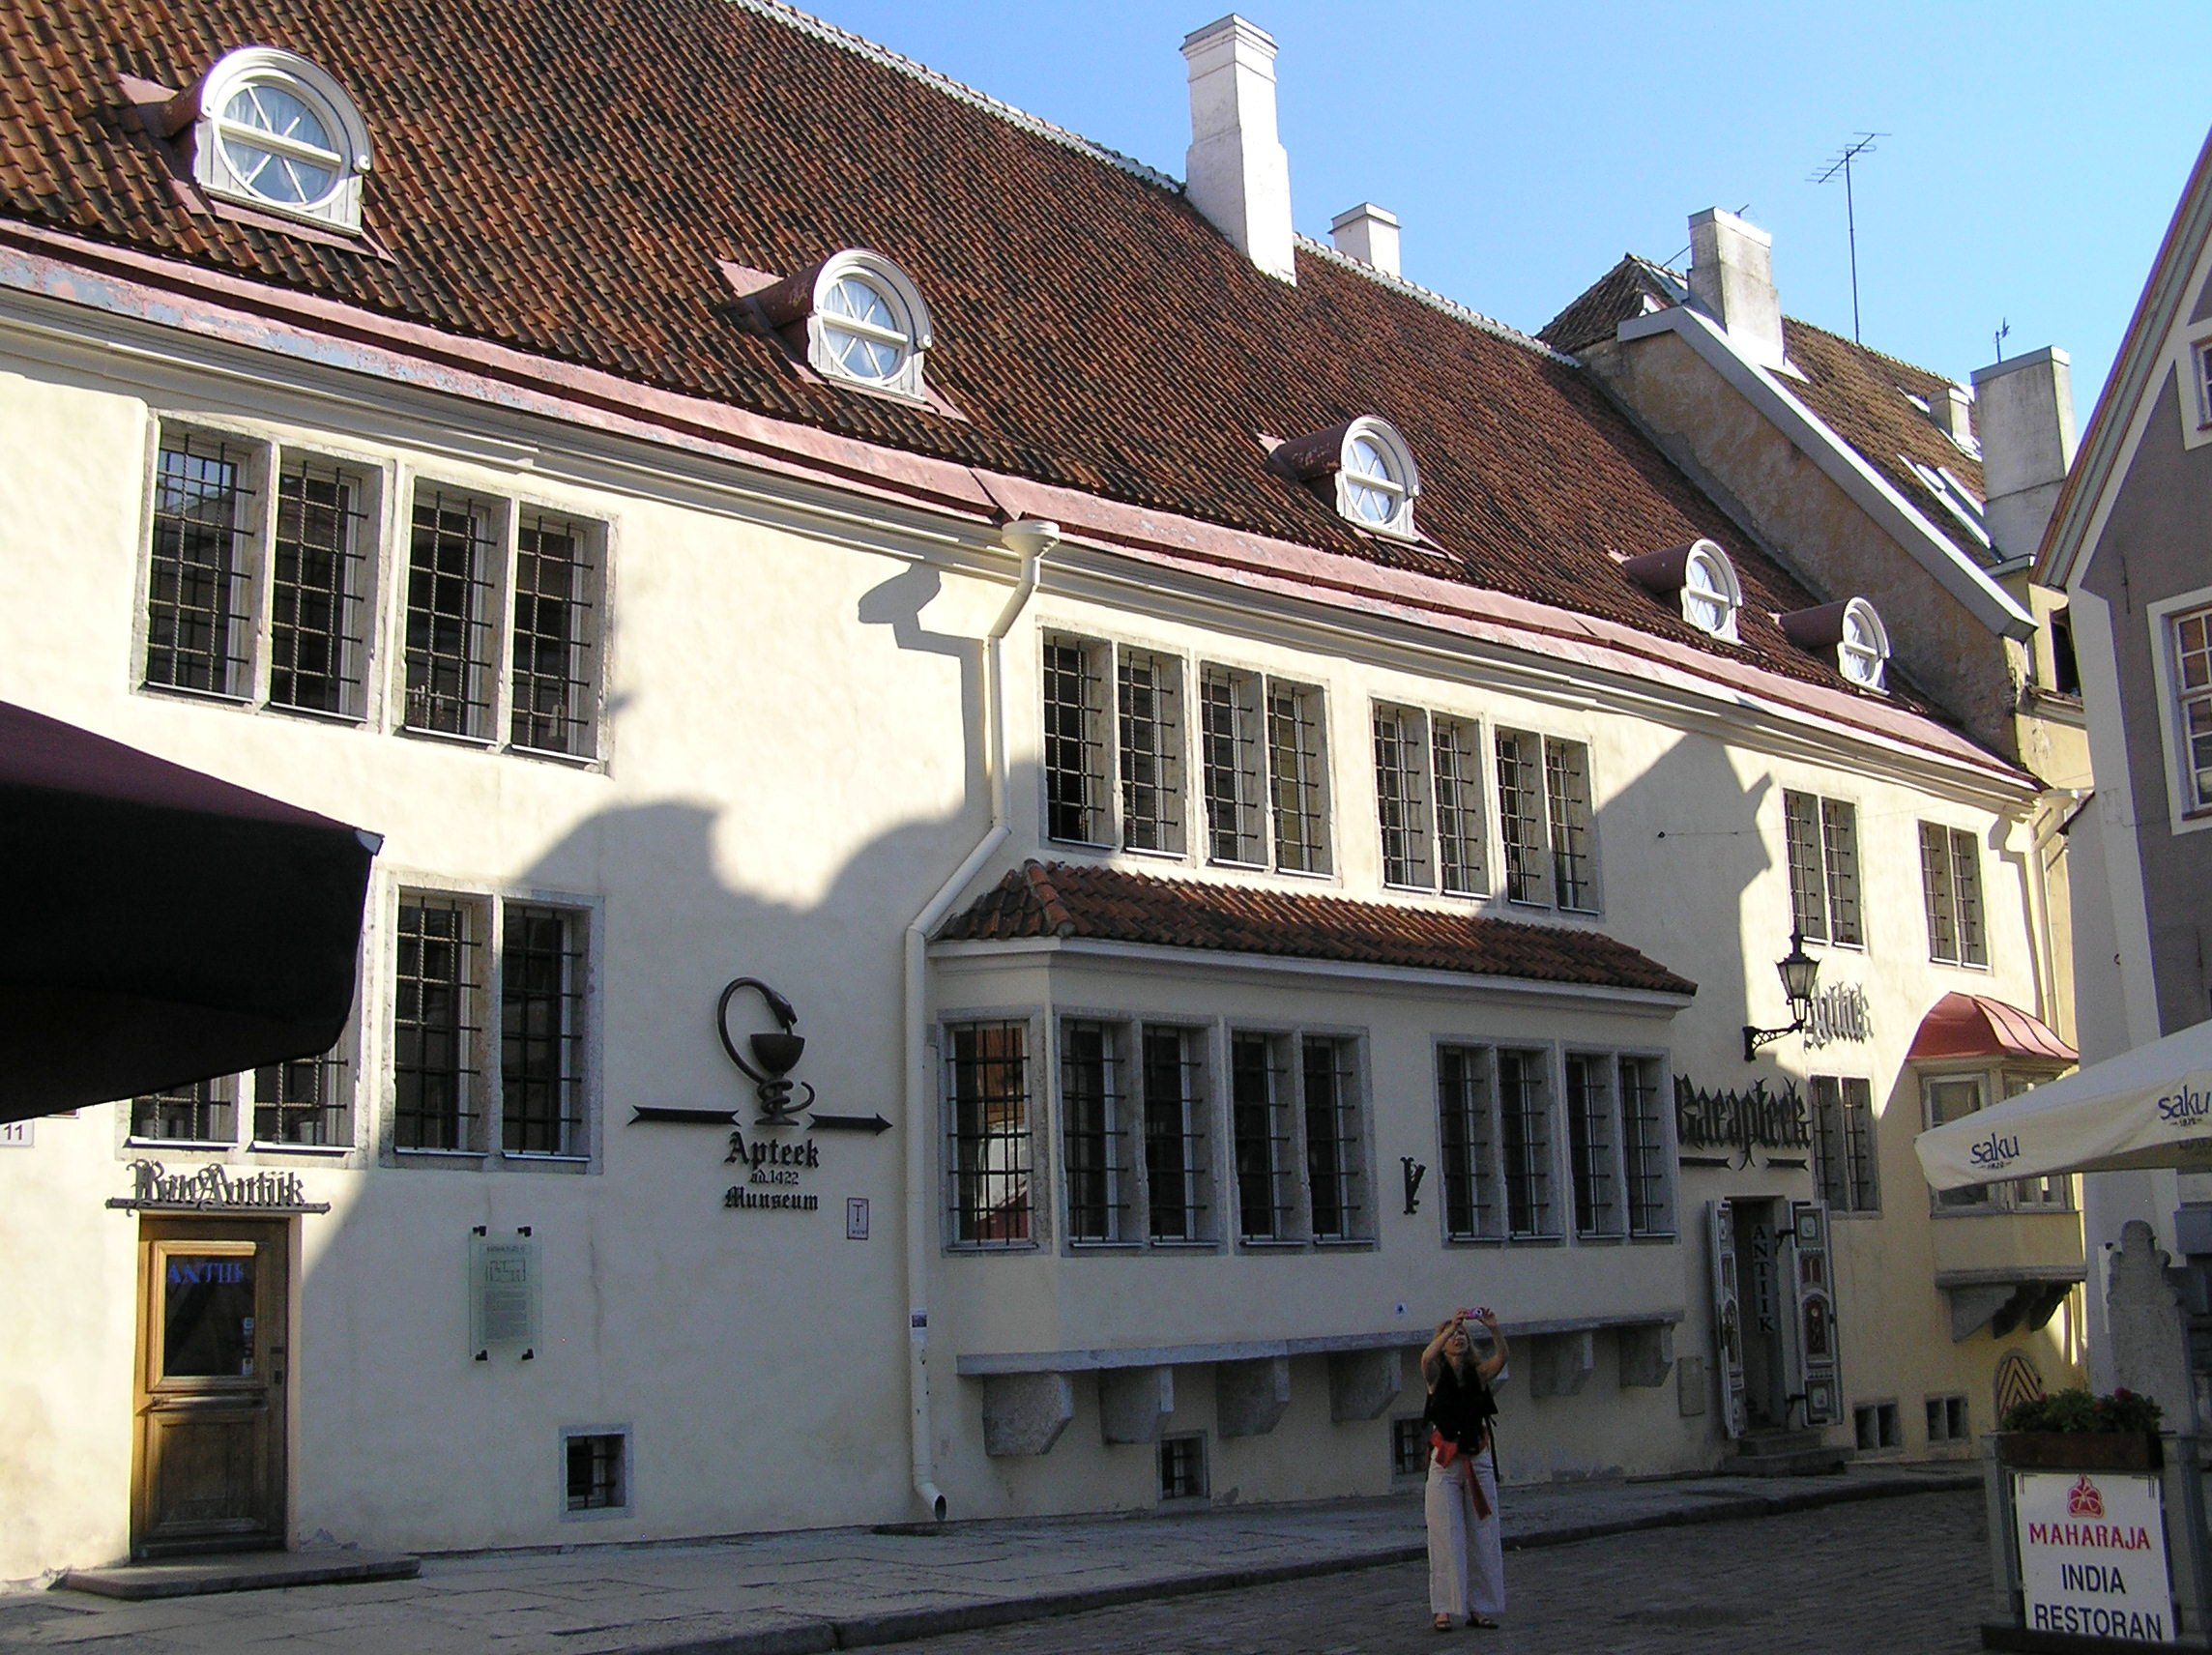 Tallinn Old Town Sightseeing Tour Of Tallinn